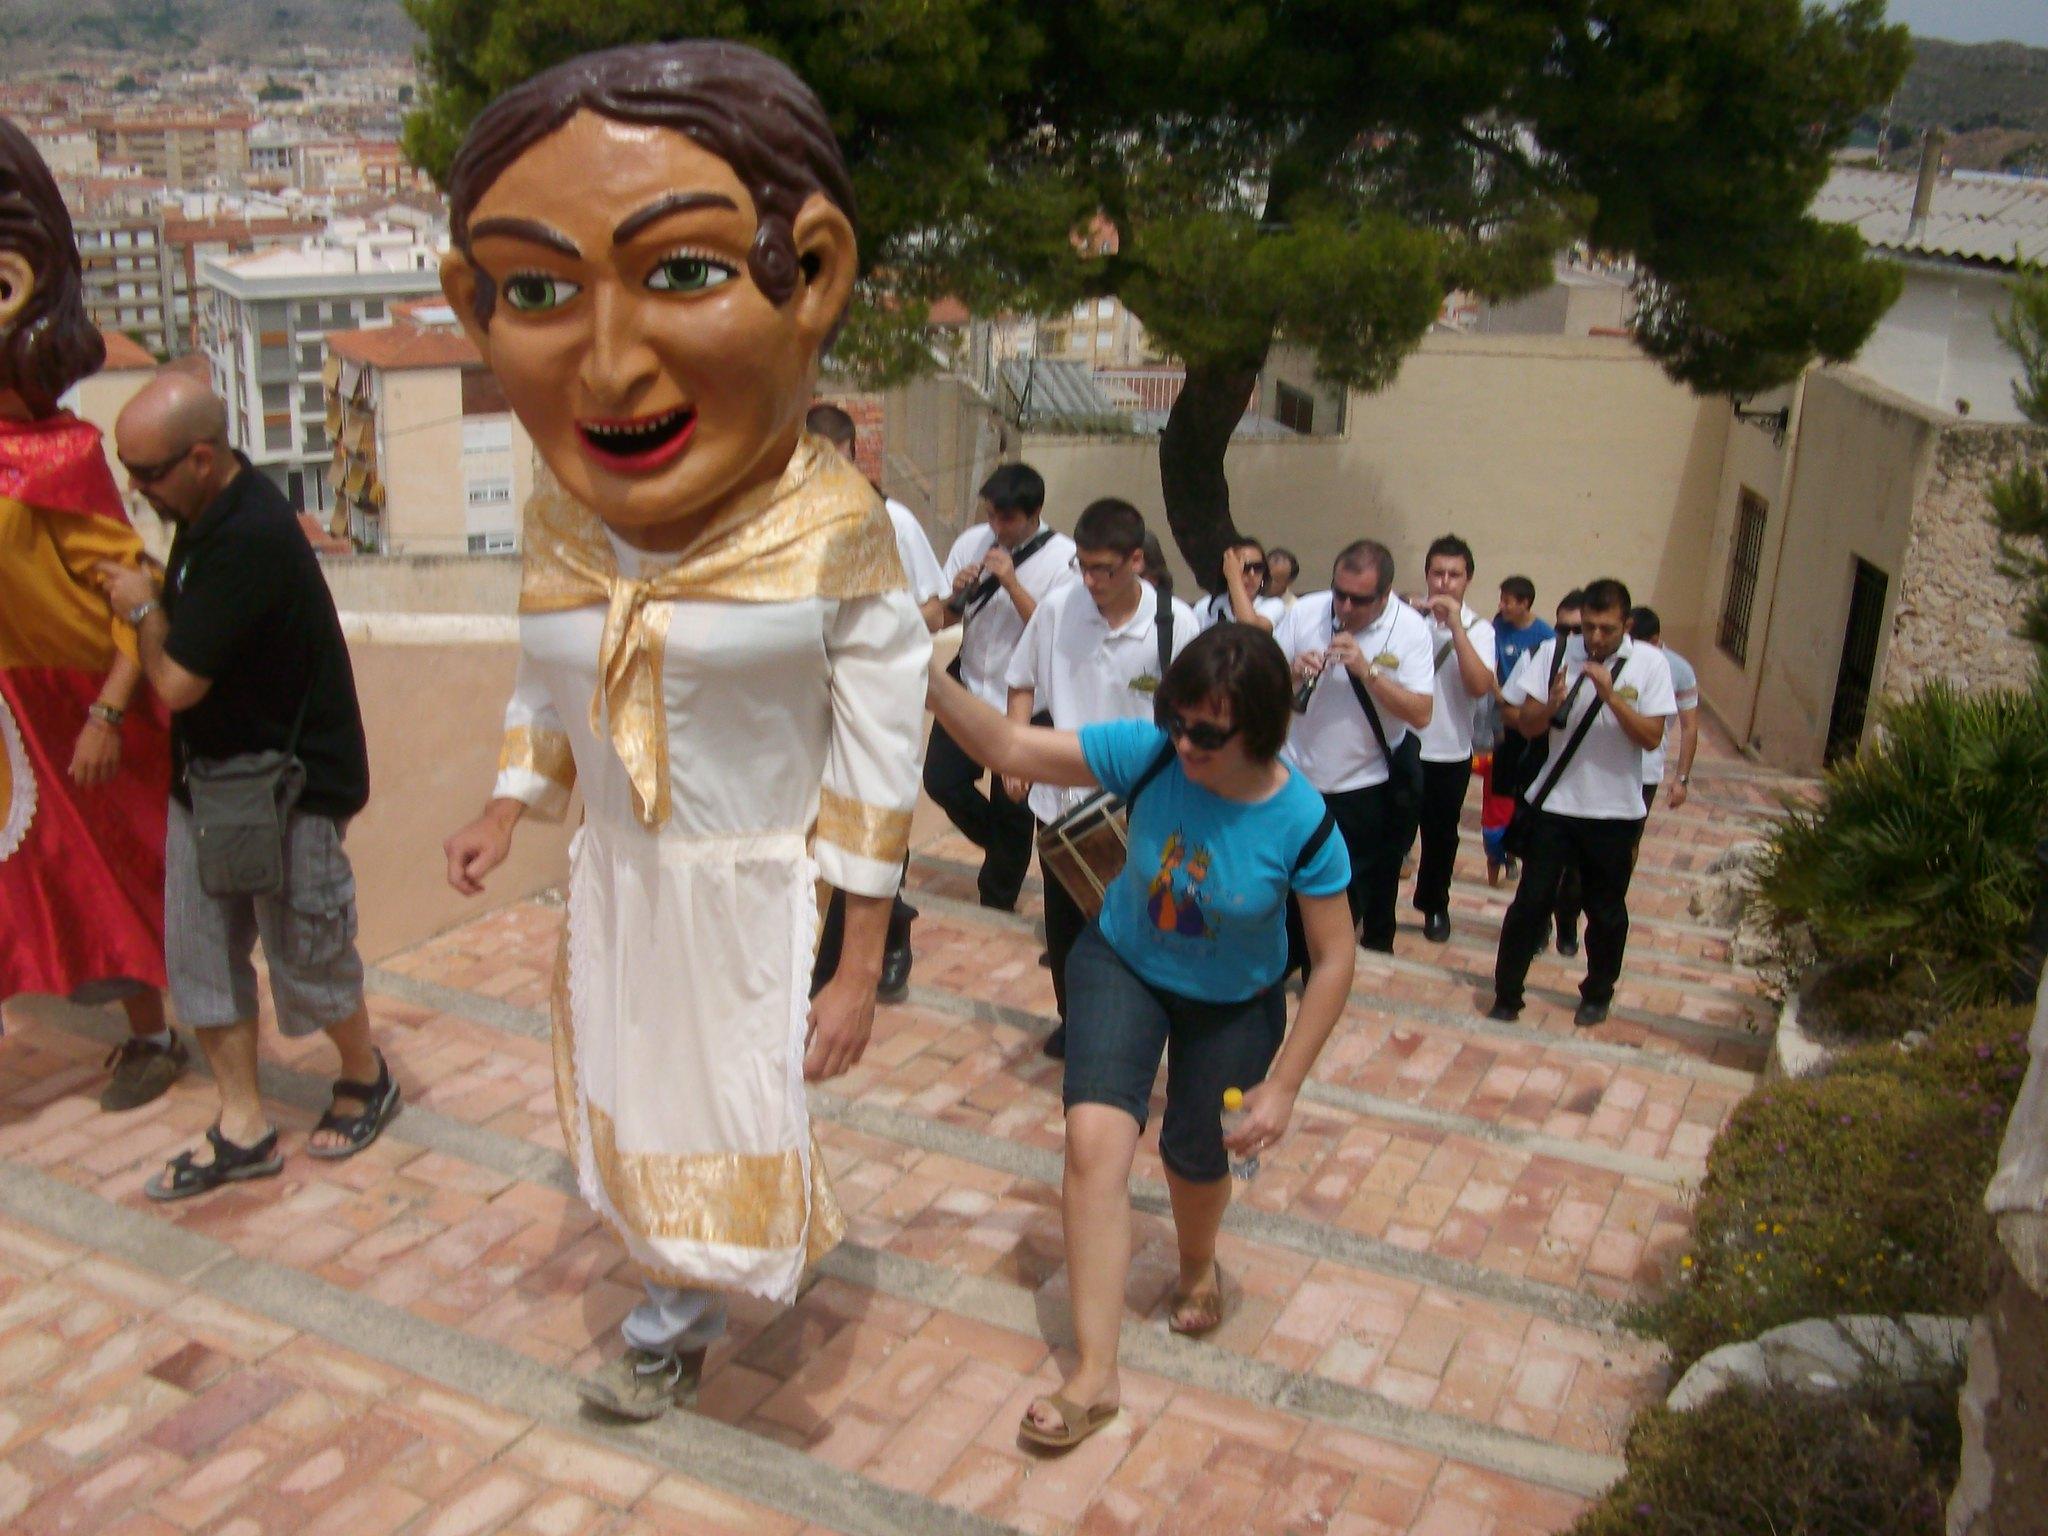 (2010-07-04) - Pasacalle Gent de Nanos - José Vicente Romero Ripoll -  (17)